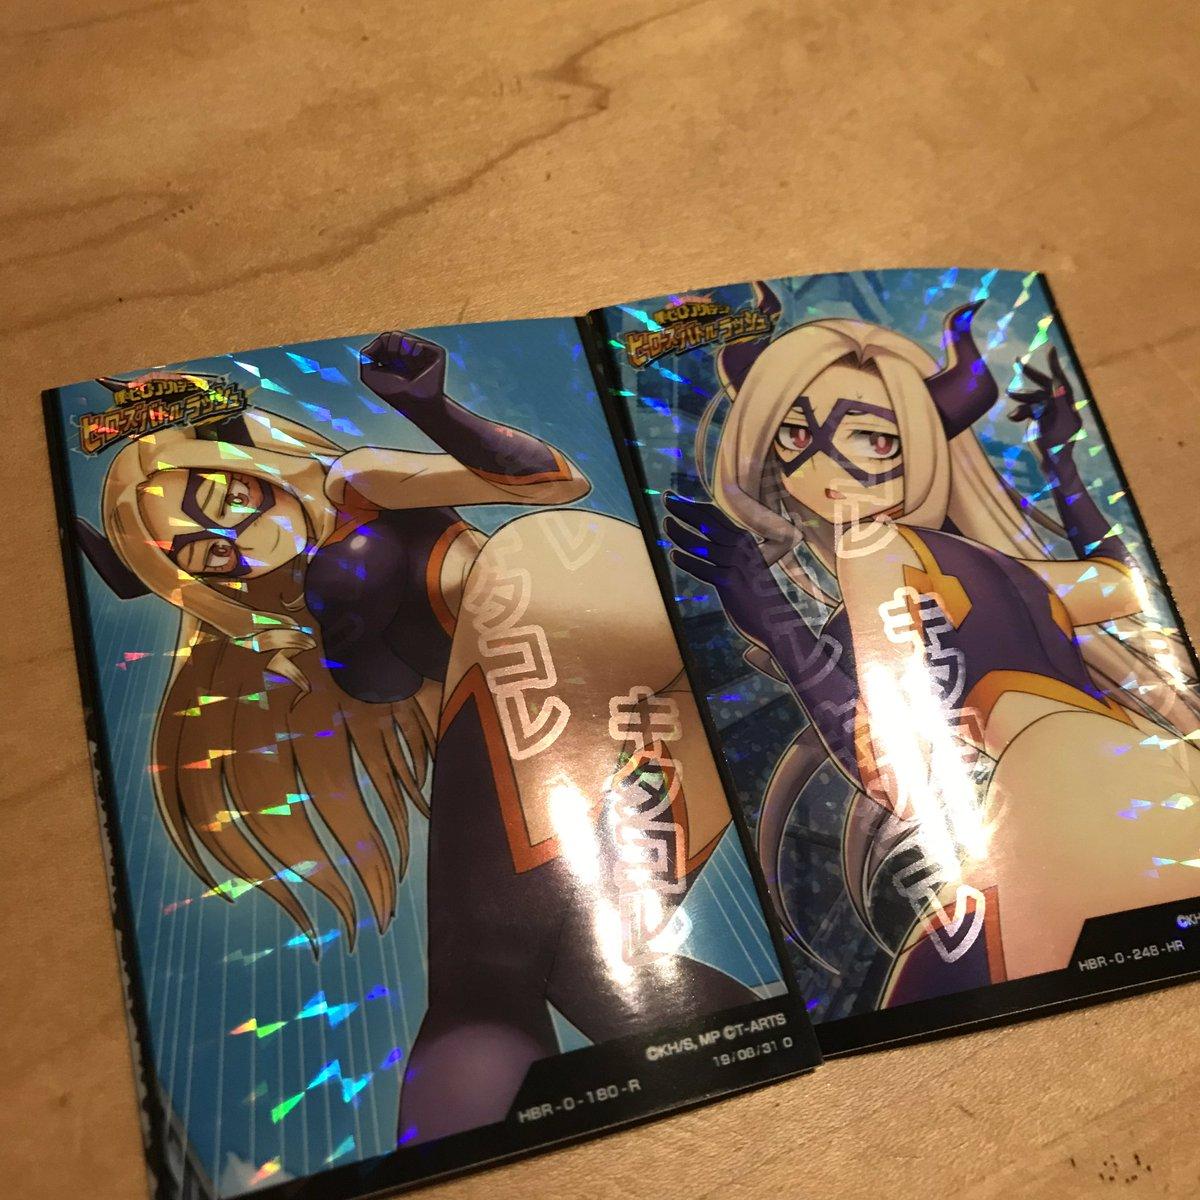 【画像】保護者ブチギレ、小学生向けのカードゲームがHすぎて下品・気持ち悪いと大炎上